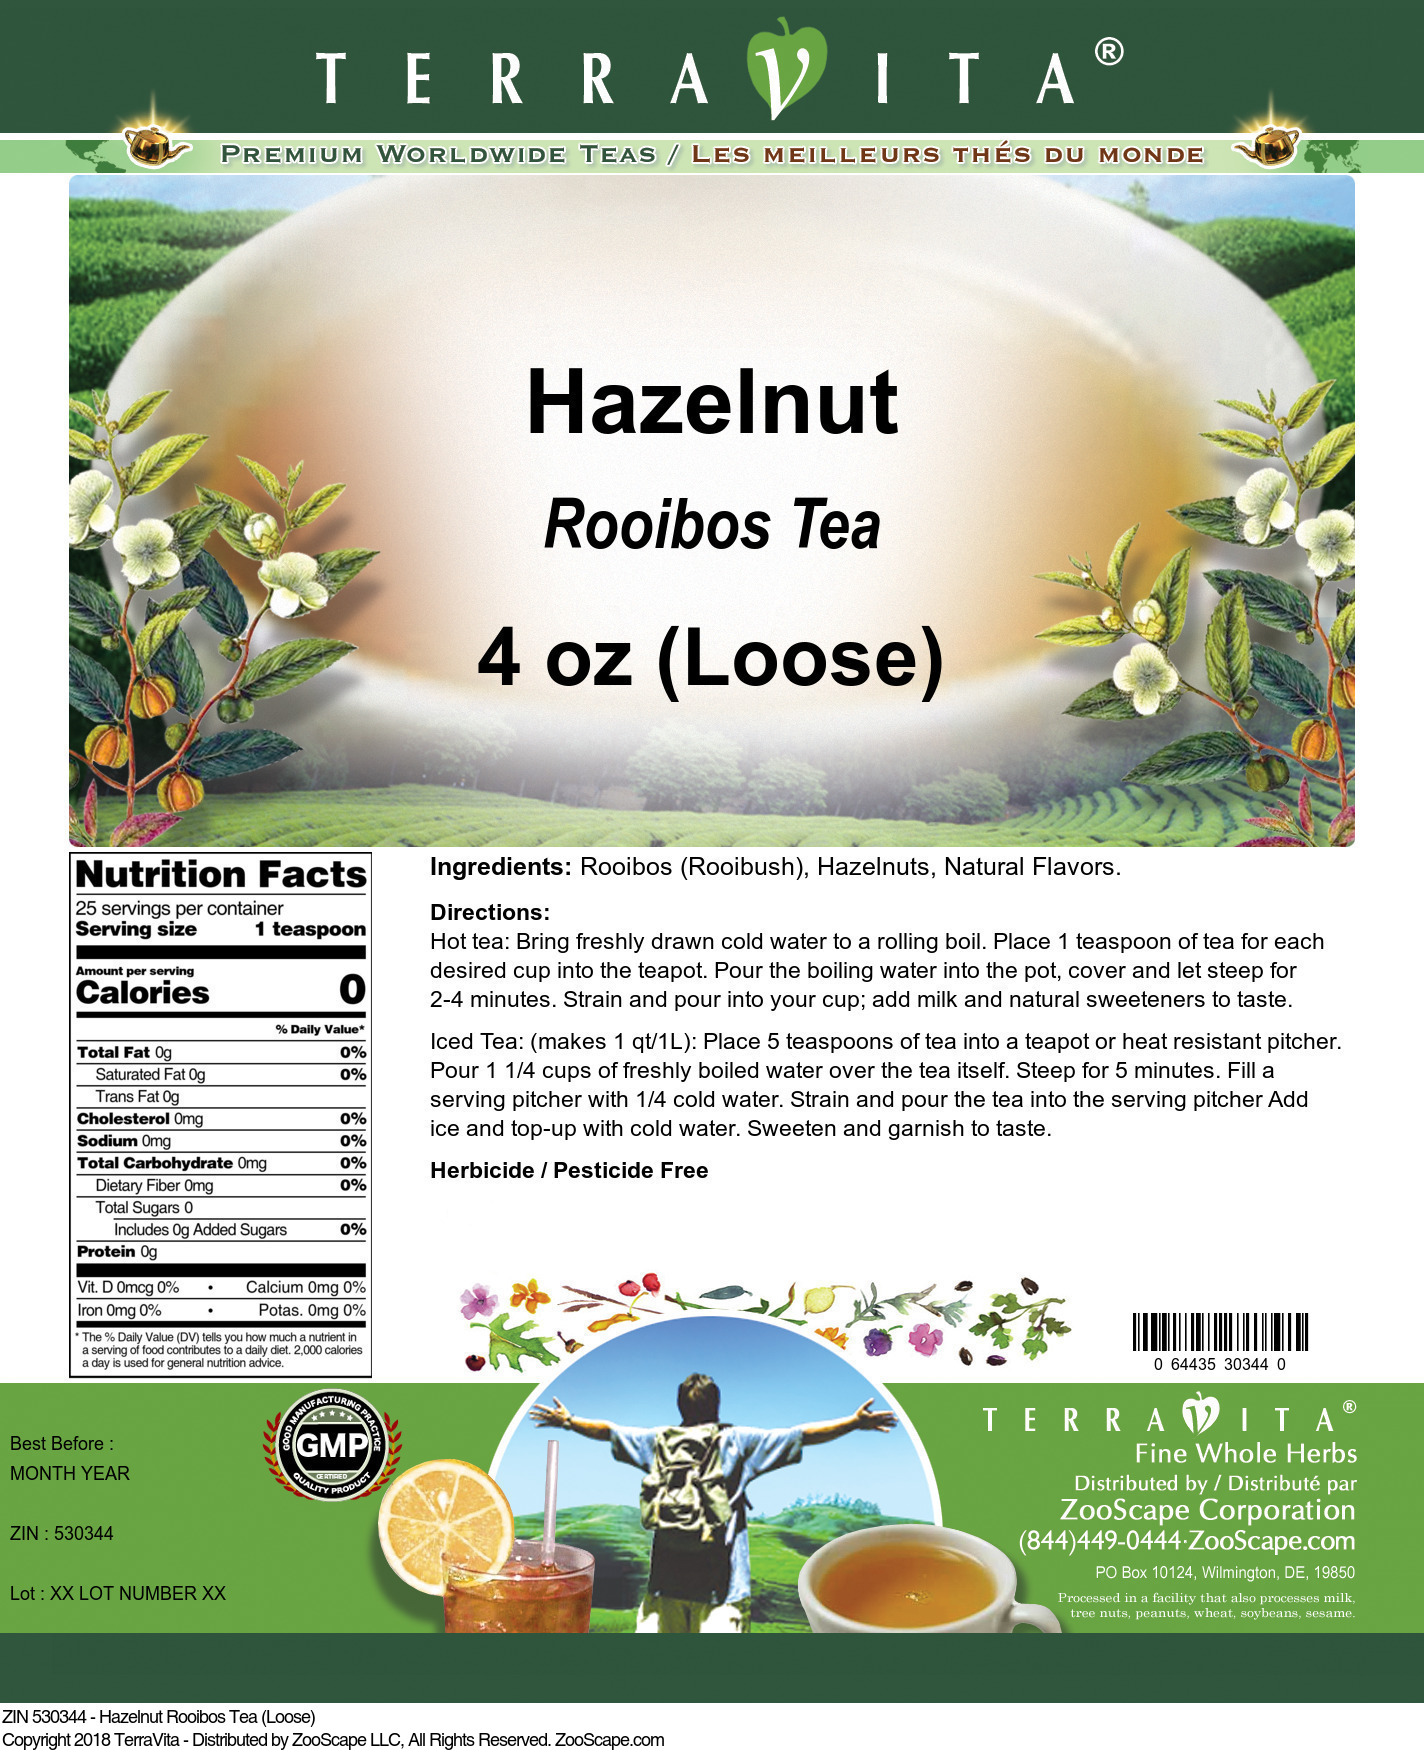 Hazelnut Rooibos Tea (Loose)